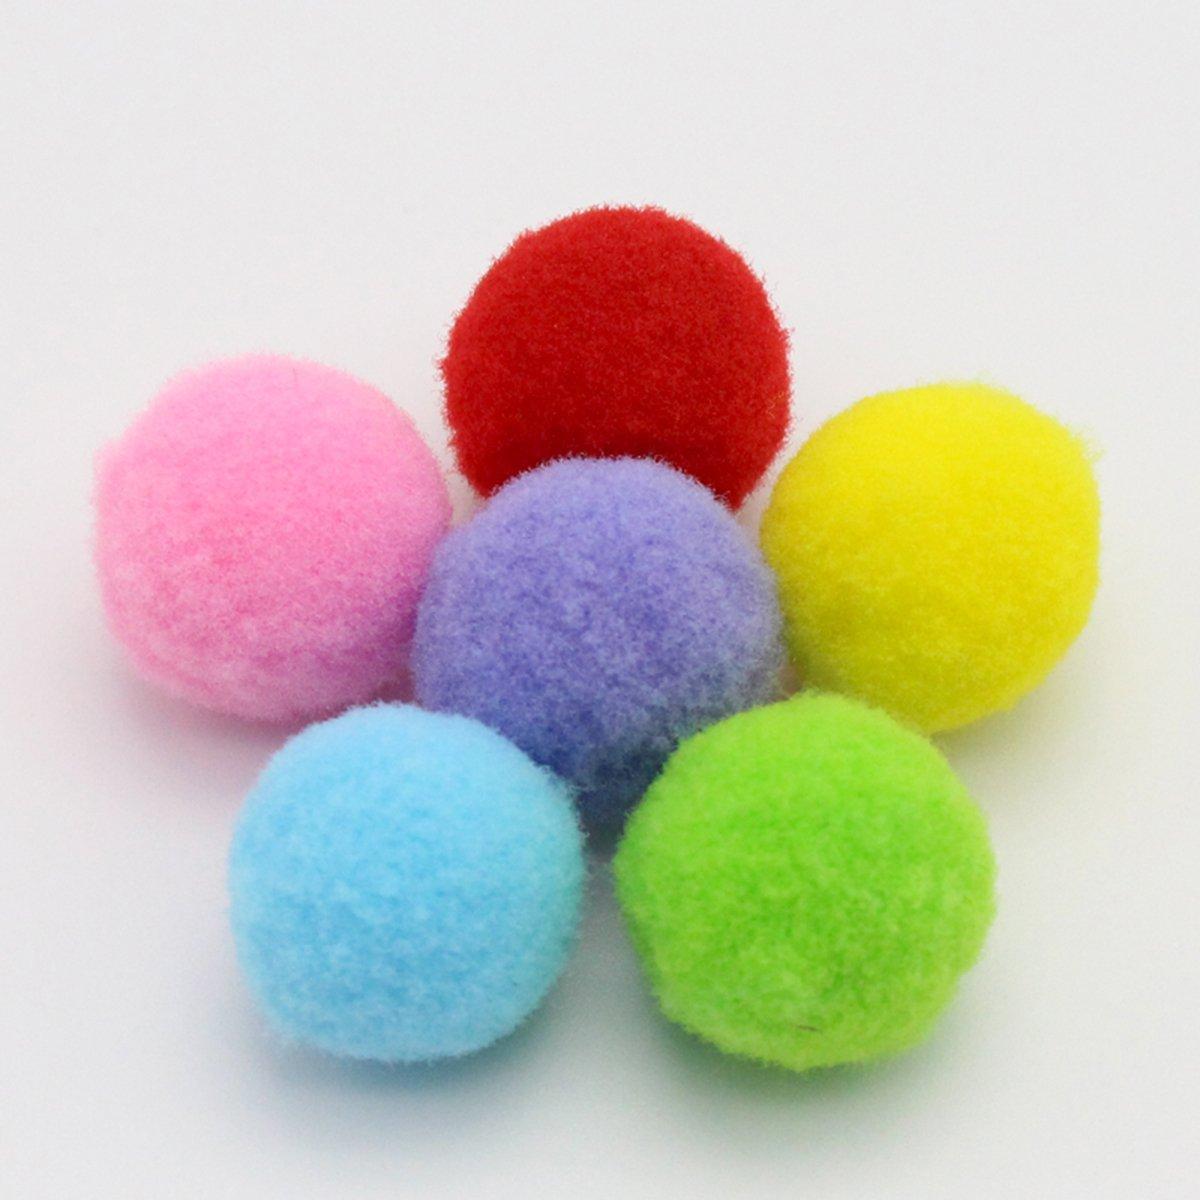 UEETEK 160PCS 3.5CM Jouets de chat Assortiment de couleurs douces chat jouet boules chaton jouets Pompon boules (couleur de mélange)